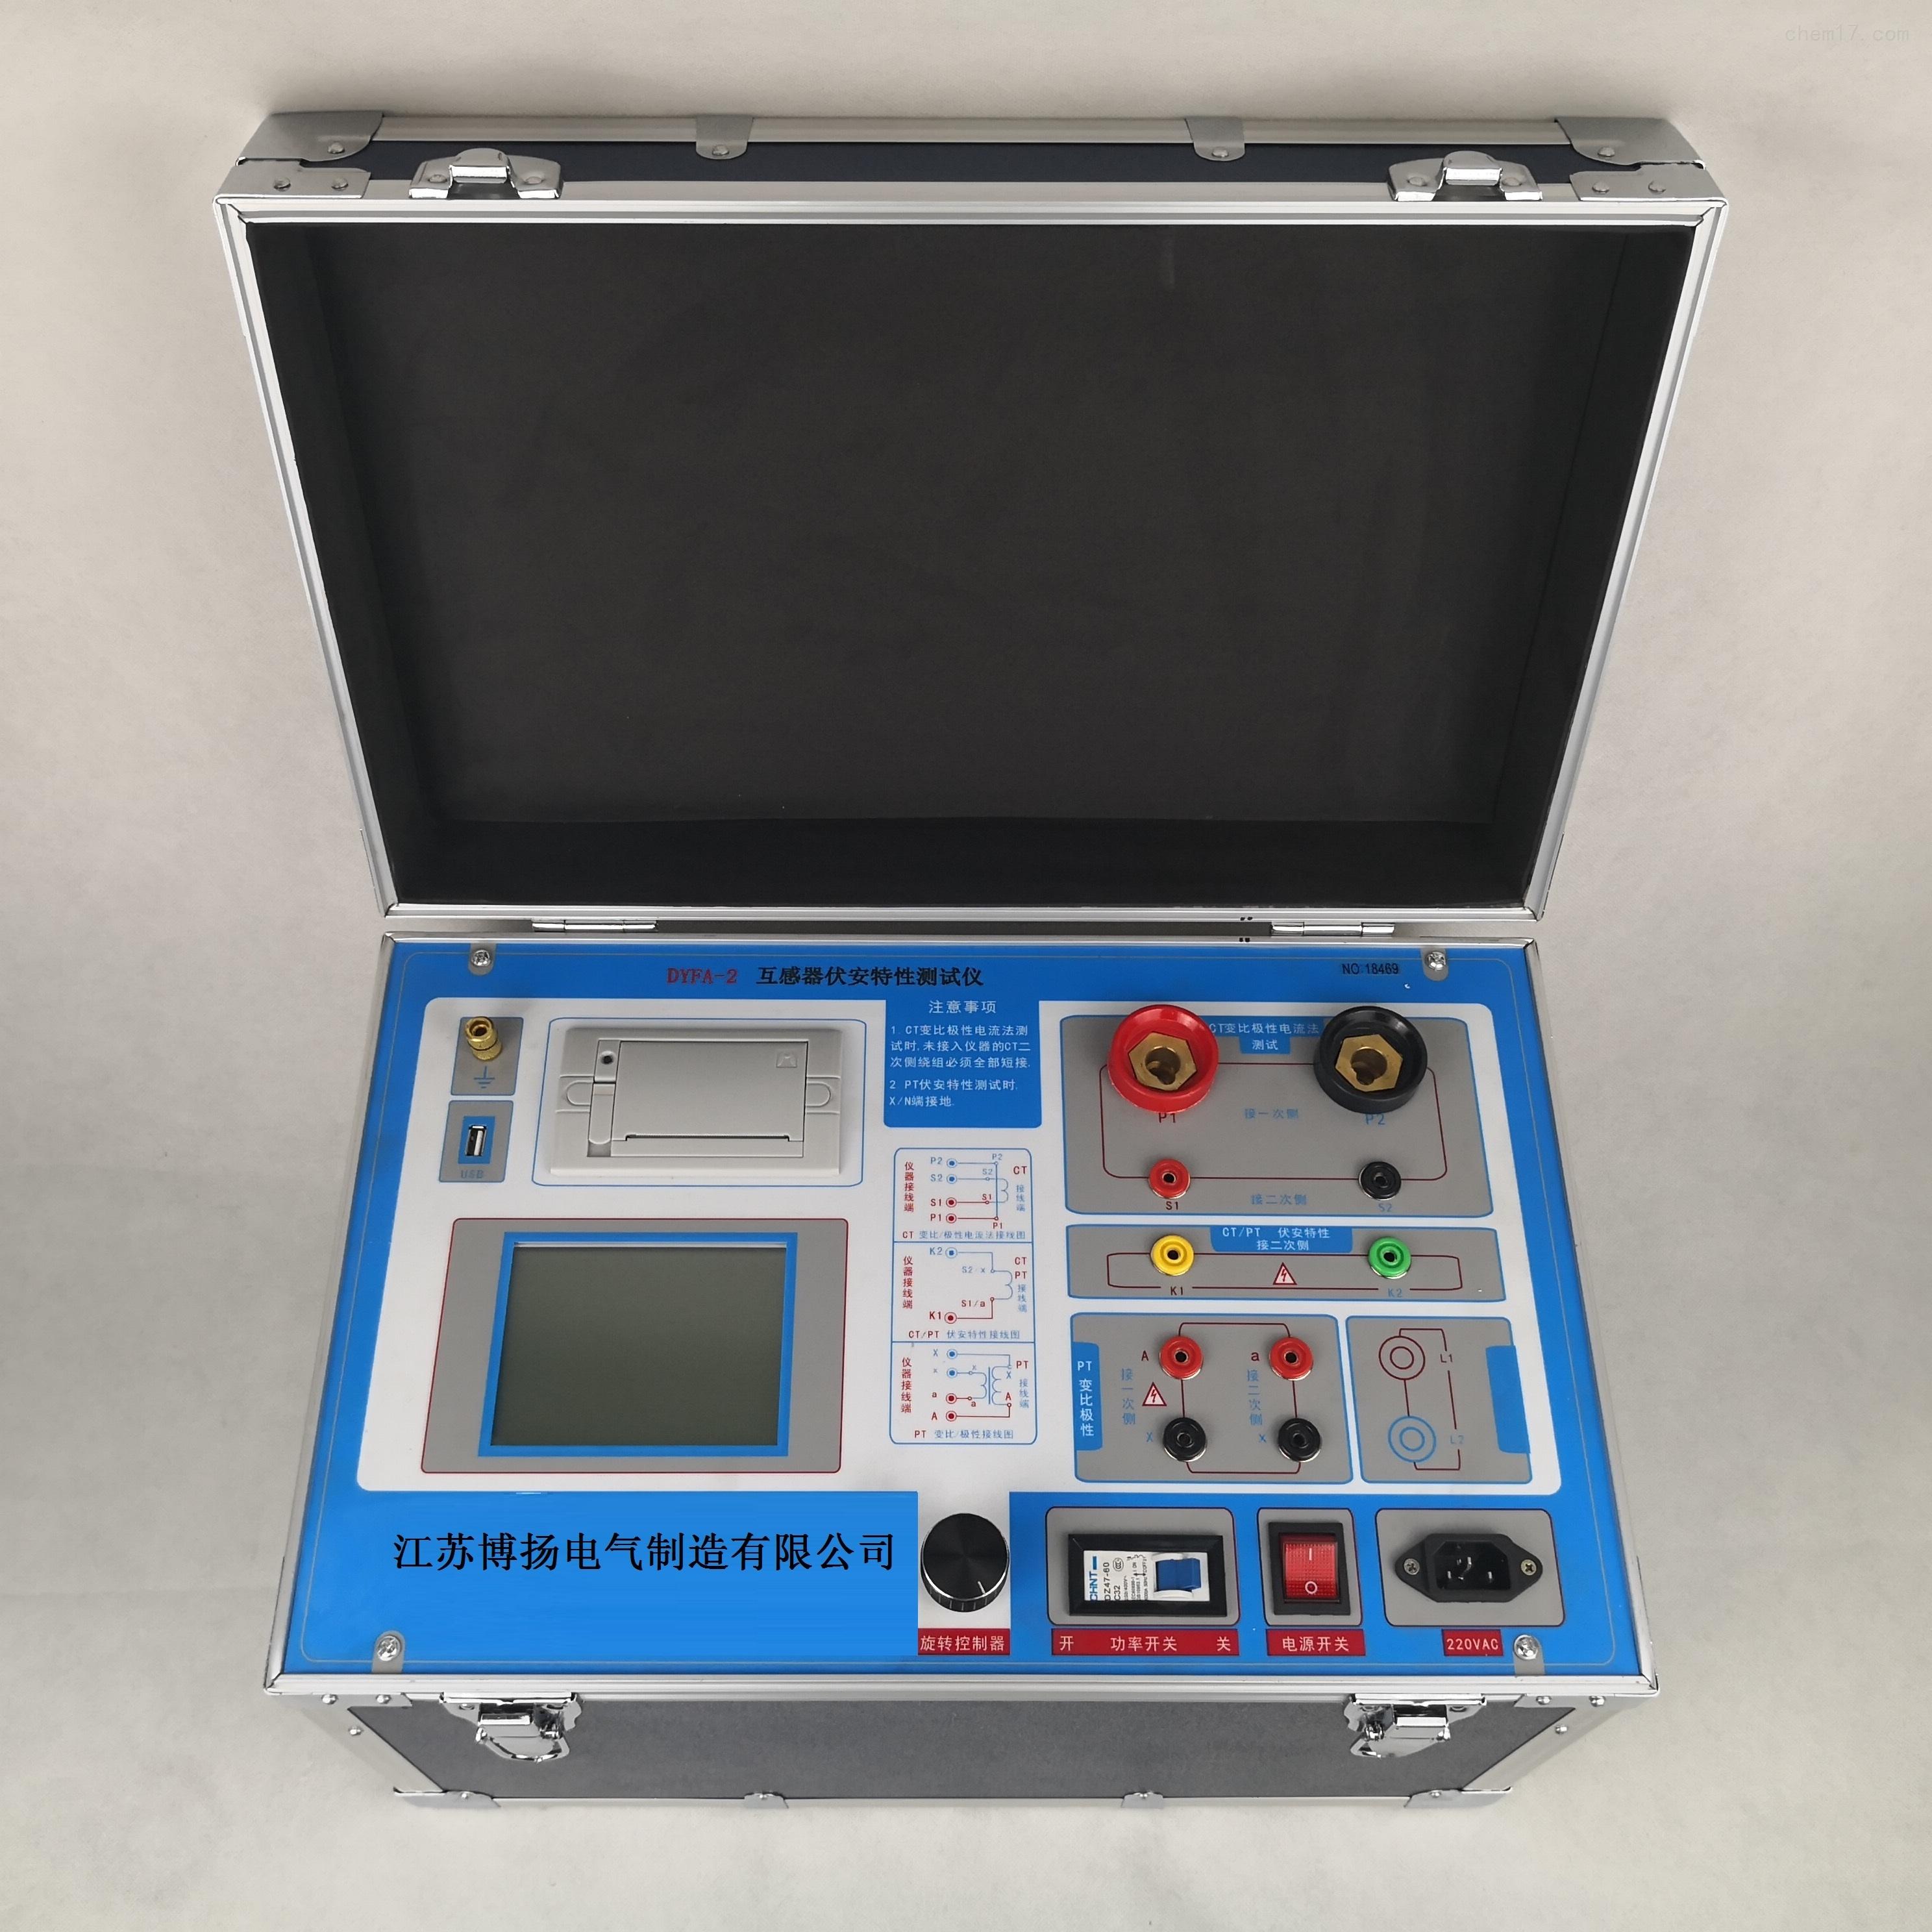 互感器伏安特性检测仪制造商